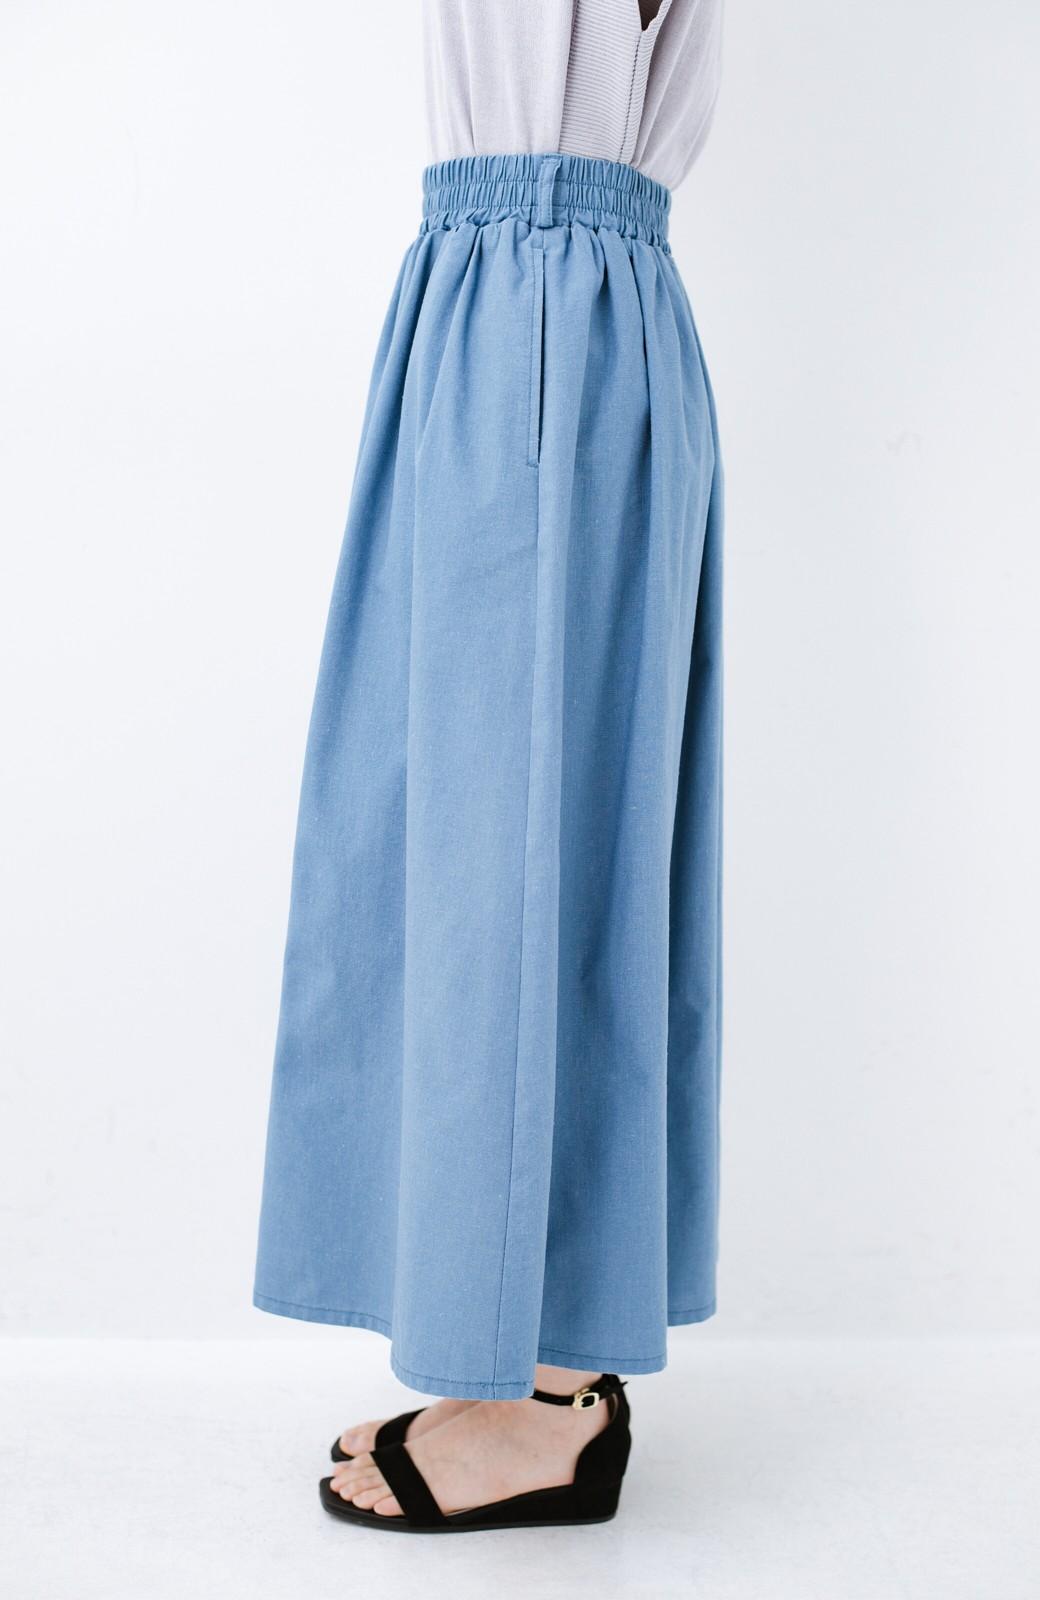 haco! 楽してスタイルが決まる 涼やか麻混スカート <ライトブルー>の商品写真6